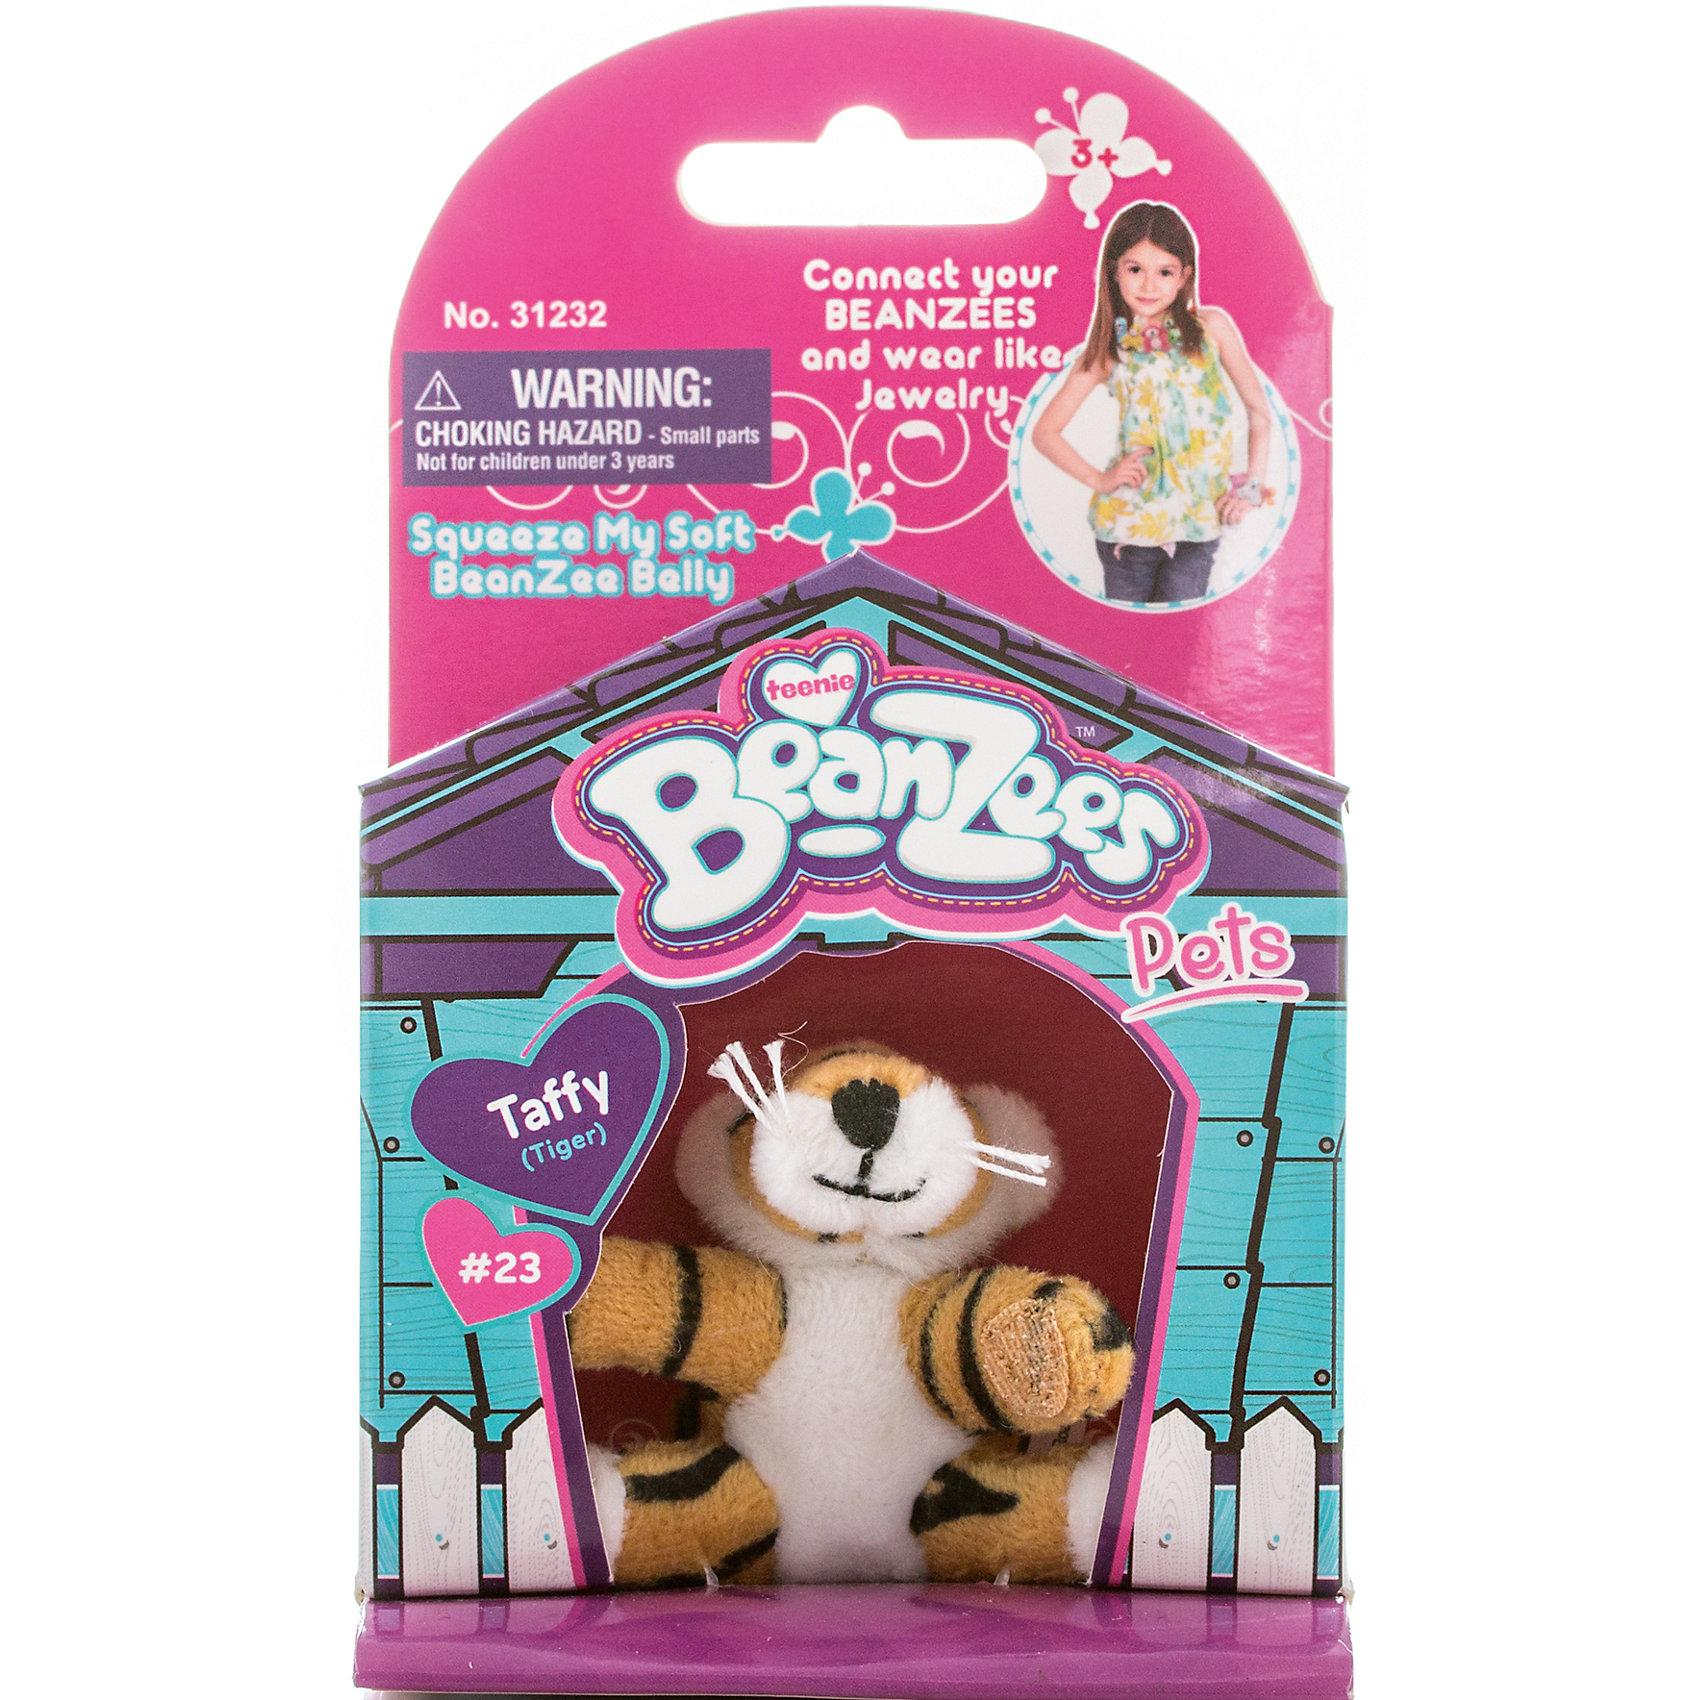 Мини-плюш Тигр, BeanzeezХарактеристики товара:<br><br>• особенности: наличие на лапках липучек, игрушку можно соединять с другими героями из серии<br>• материал: пластик, текстиль<br>• размер упаковки: 9х5,5х14,5 см.<br>• высота игрушки: 5 см<br>• возраст: от 3 лет<br>• страна бренда: США<br>• страна производства: Китай<br><br>Такая симпатичная игрушка не оставит ребенка равнодушным! Какой малыш откажется поиграть с маленькими плюшевыми игрушками из большой пушистой коллекции?! Игрушки очень качественно выполнены, поэтому такая фигурка станет отличным подарком ребенку. Благодаря липучкам на лапках животных можно соединить между собой. Дети приходят в восторг от этих игрушек!<br>Такие предметы помогают ребенку отрабатывать новые навыки и способности - развивать ловкость, мелкую моторику, воображение, мышление, логику. Изделие производится из качественных сертифицированных материалов, безопасных даже для самых маленьких.<br><br>Мини-плюш Тигр от бренда Beanzeez можно купить в нашем интернет-магазине.<br><br>Ширина мм: 50<br>Глубина мм: 140<br>Высота мм: 85<br>Вес г: 73<br>Возраст от месяцев: 36<br>Возраст до месяцев: 2147483647<br>Пол: Женский<br>Возраст: Детский<br>SKU: 5218667